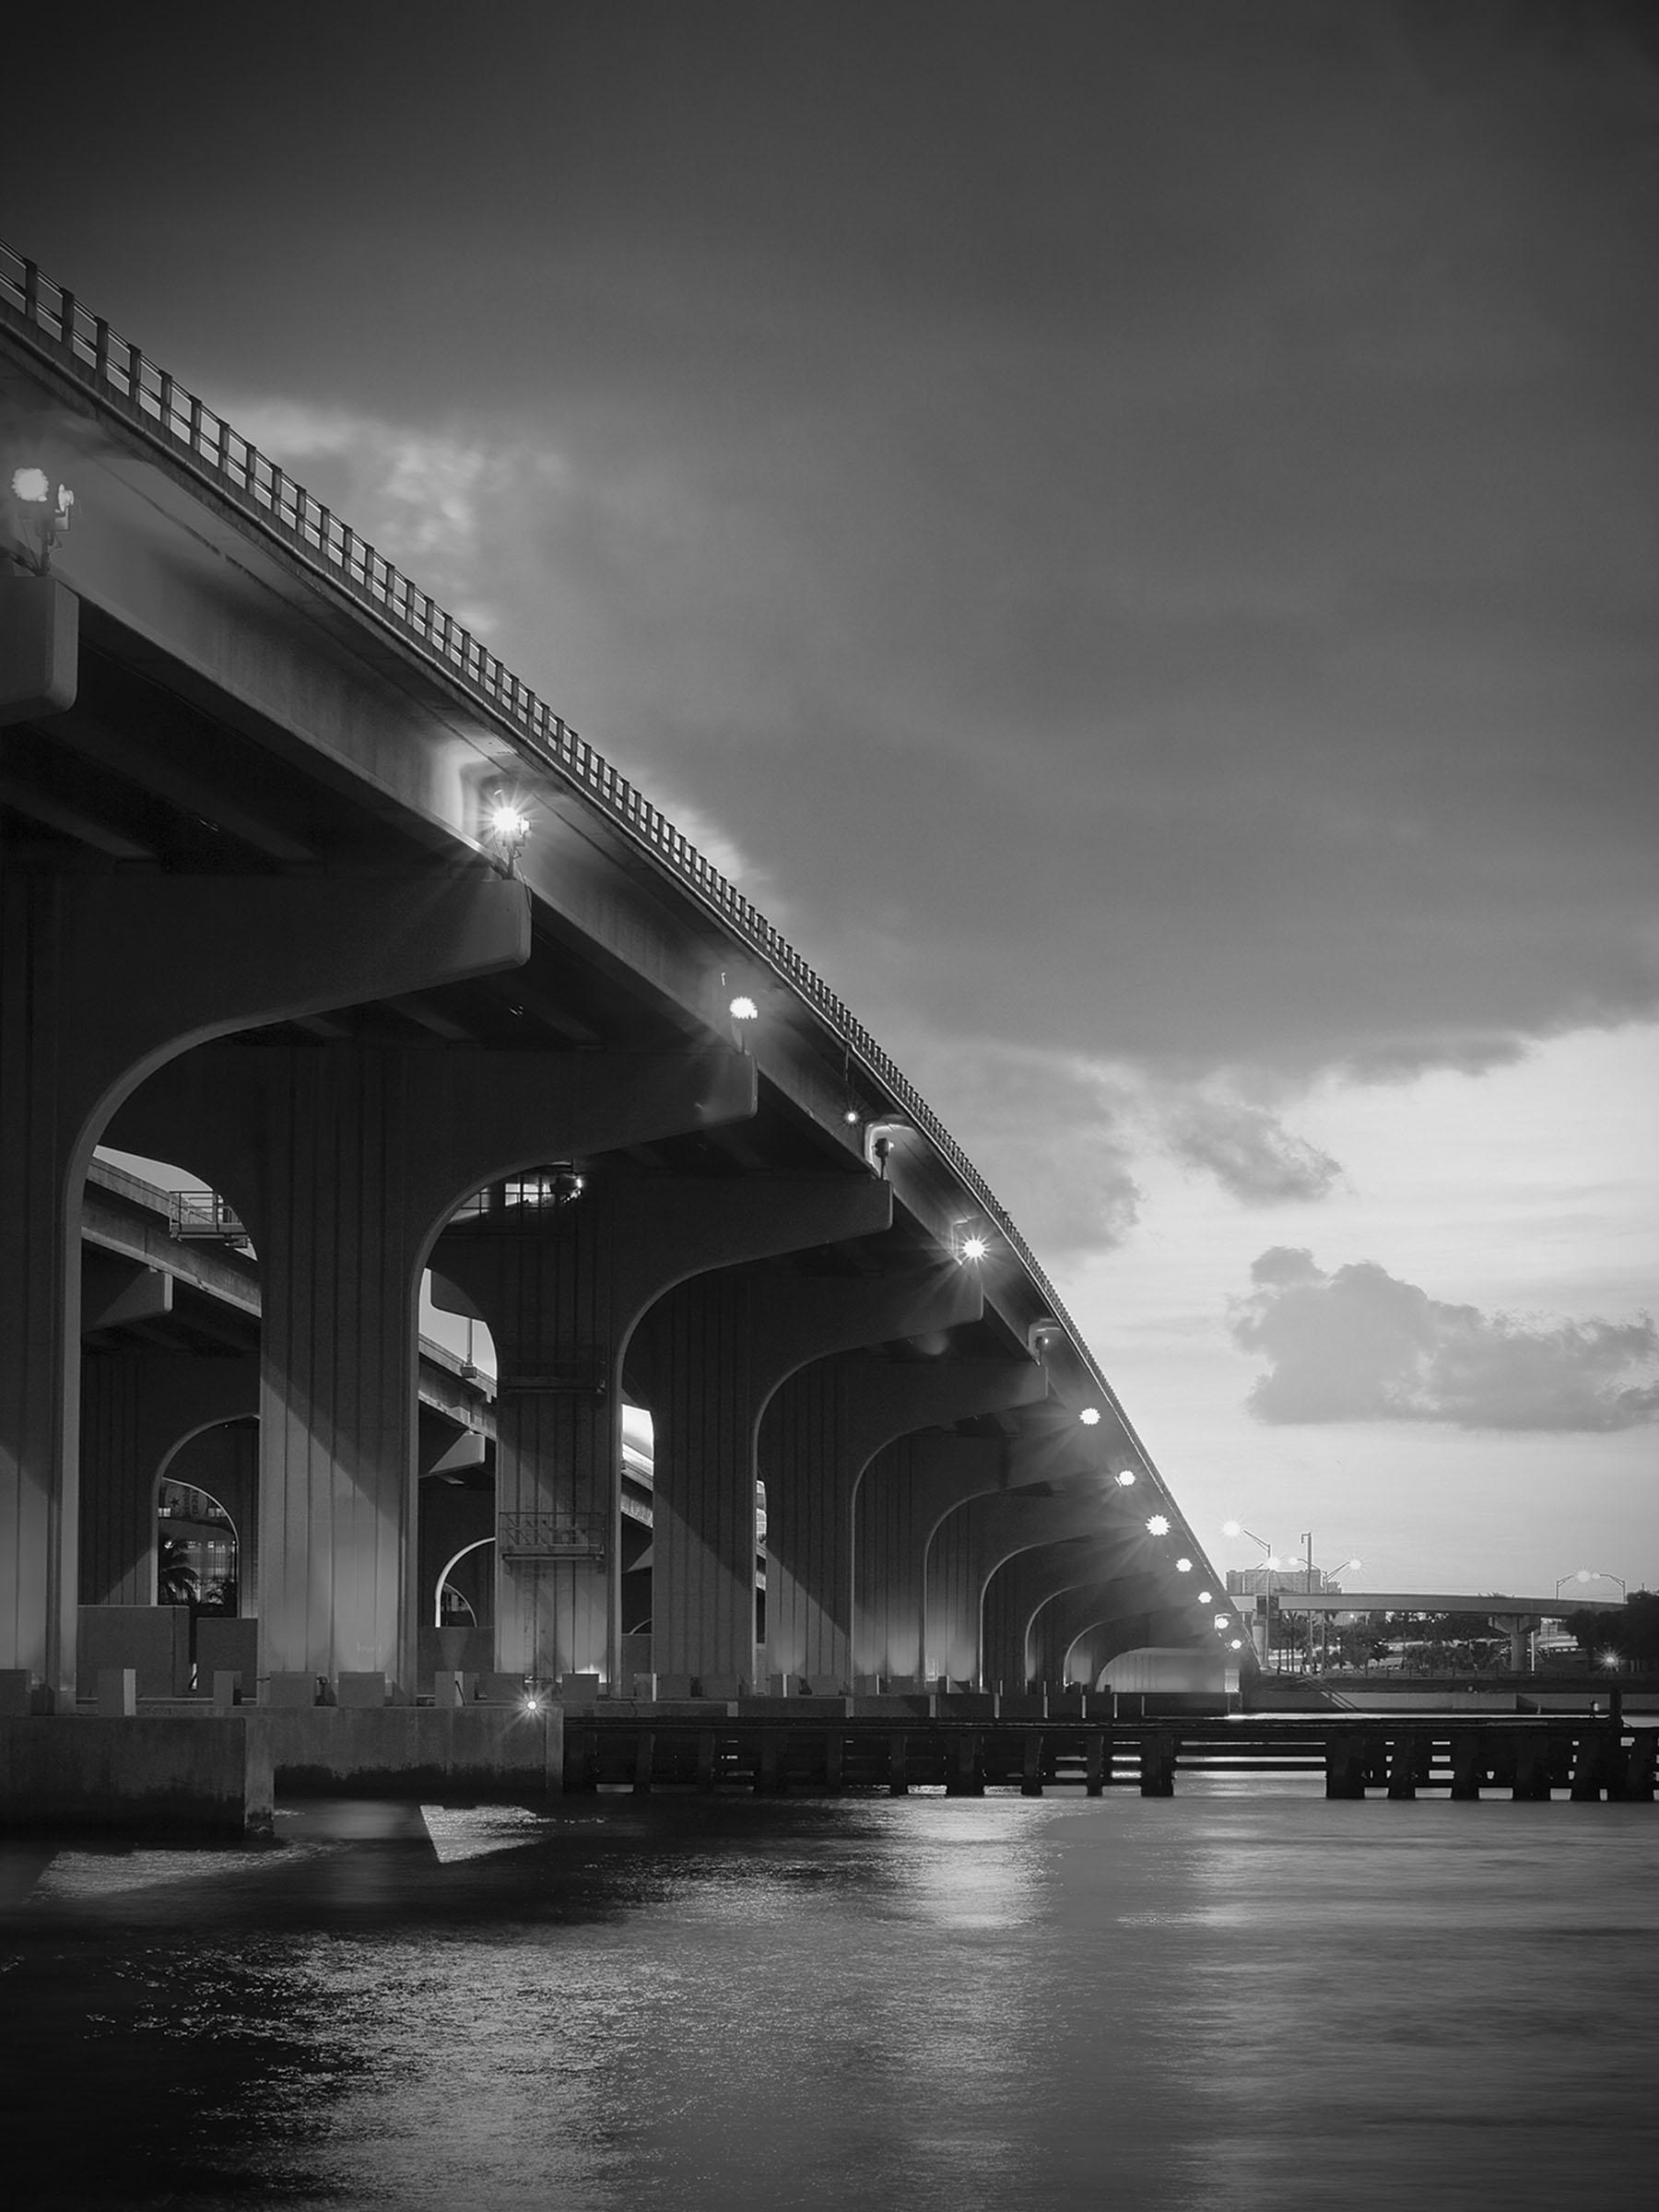 bridge night.jpg